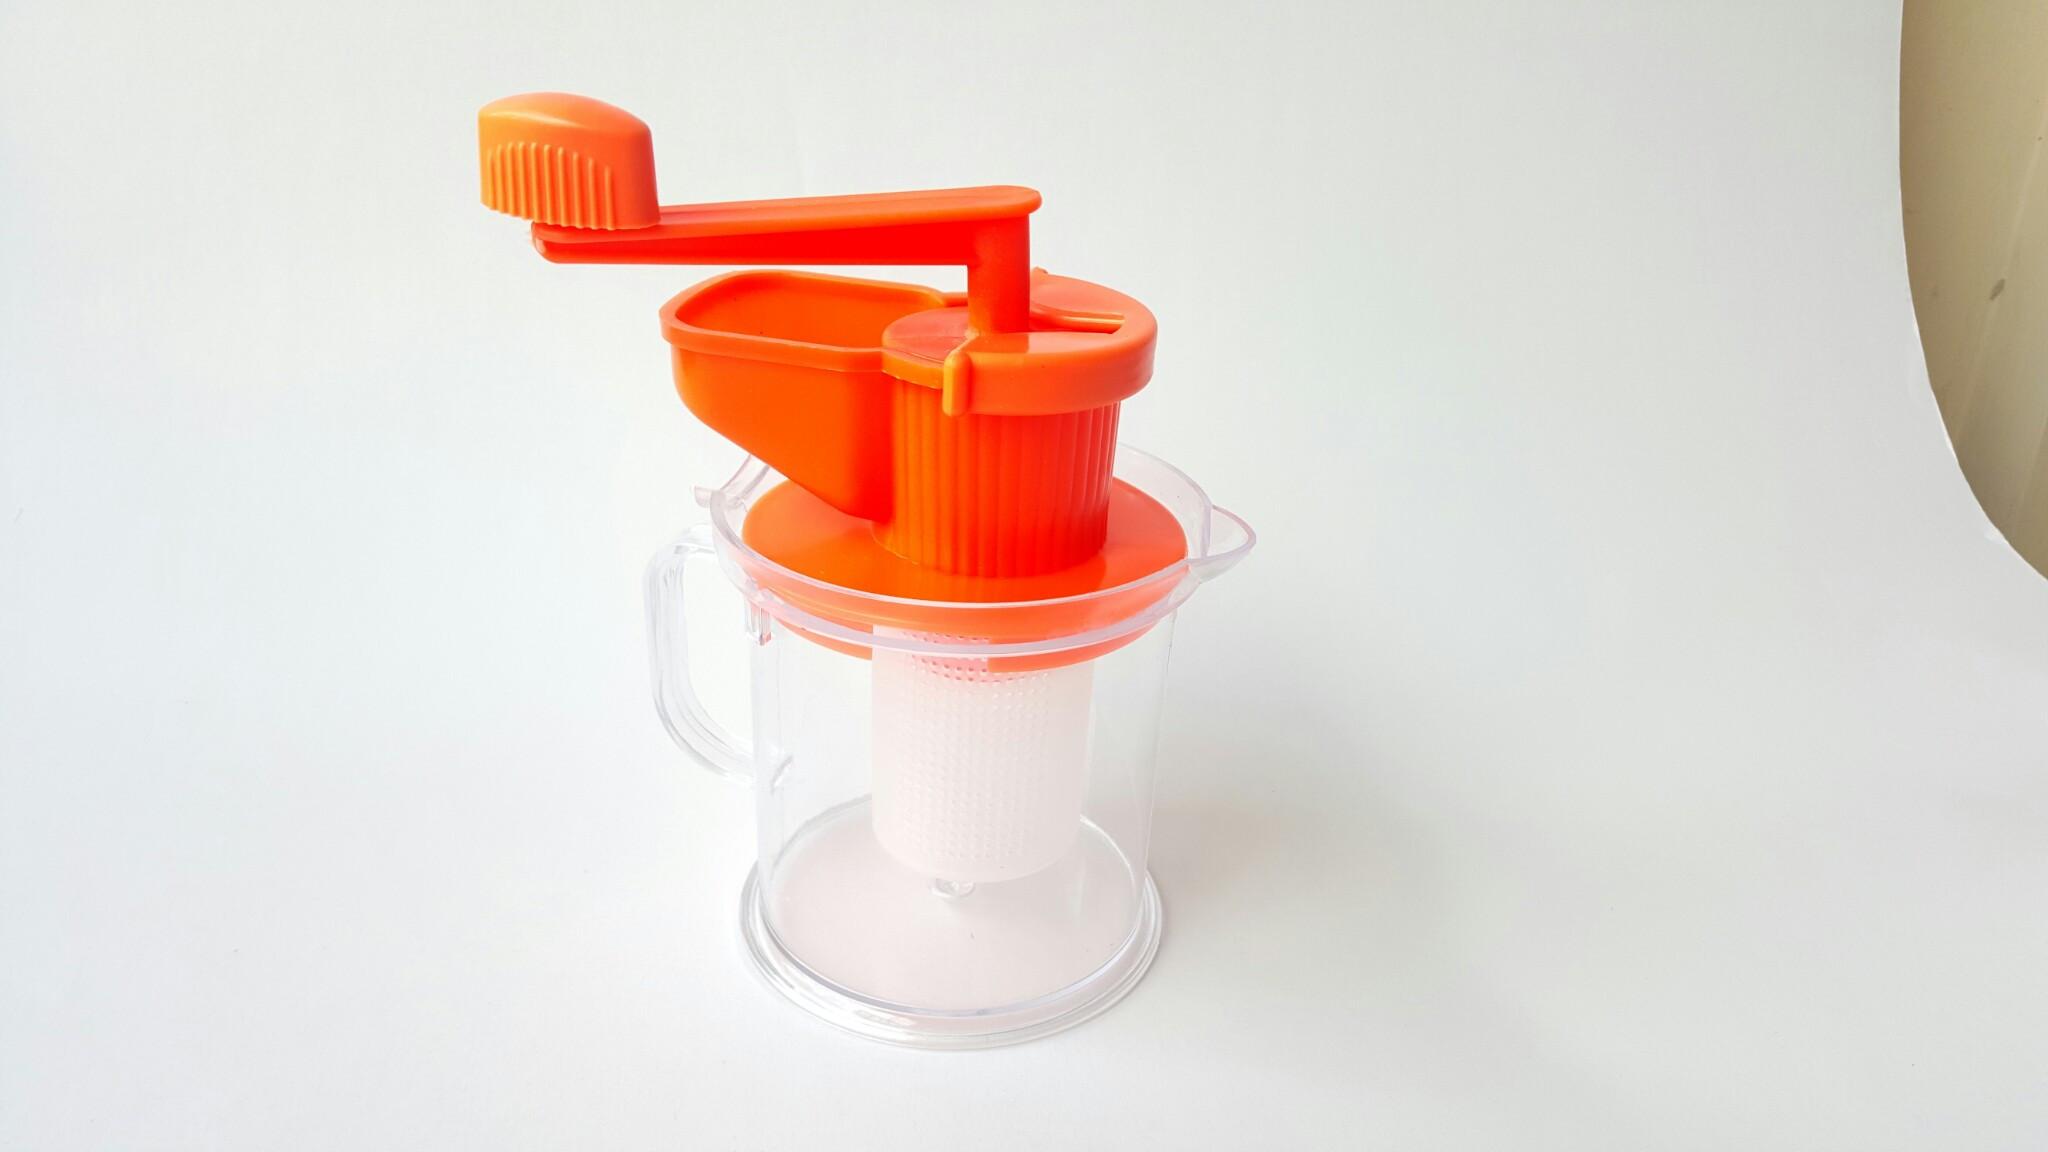 Dụng cụ làm nước đậu nành